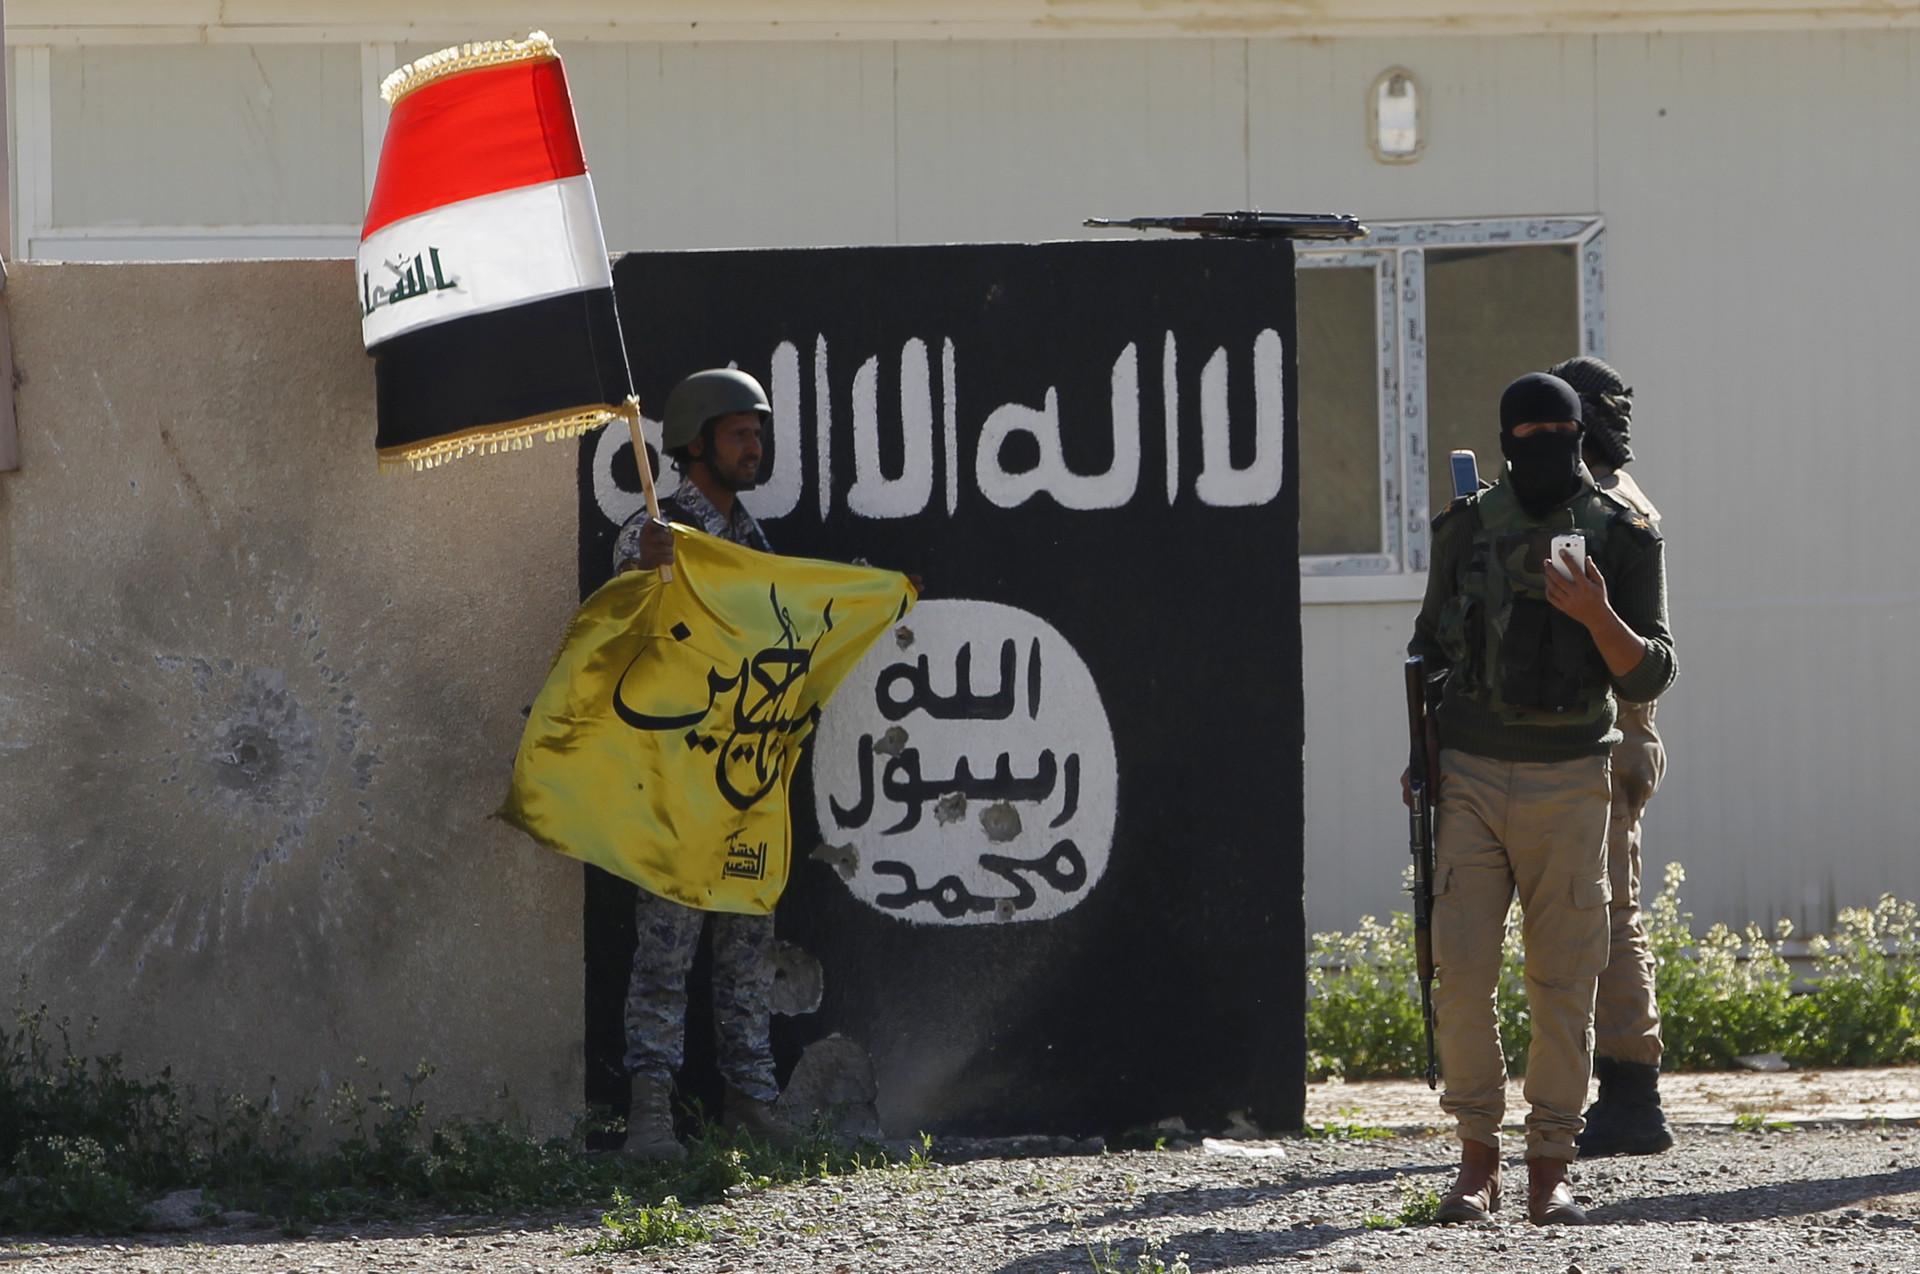 EE.UU. gasta 9 millones a diario para combatir al Estado Islámico